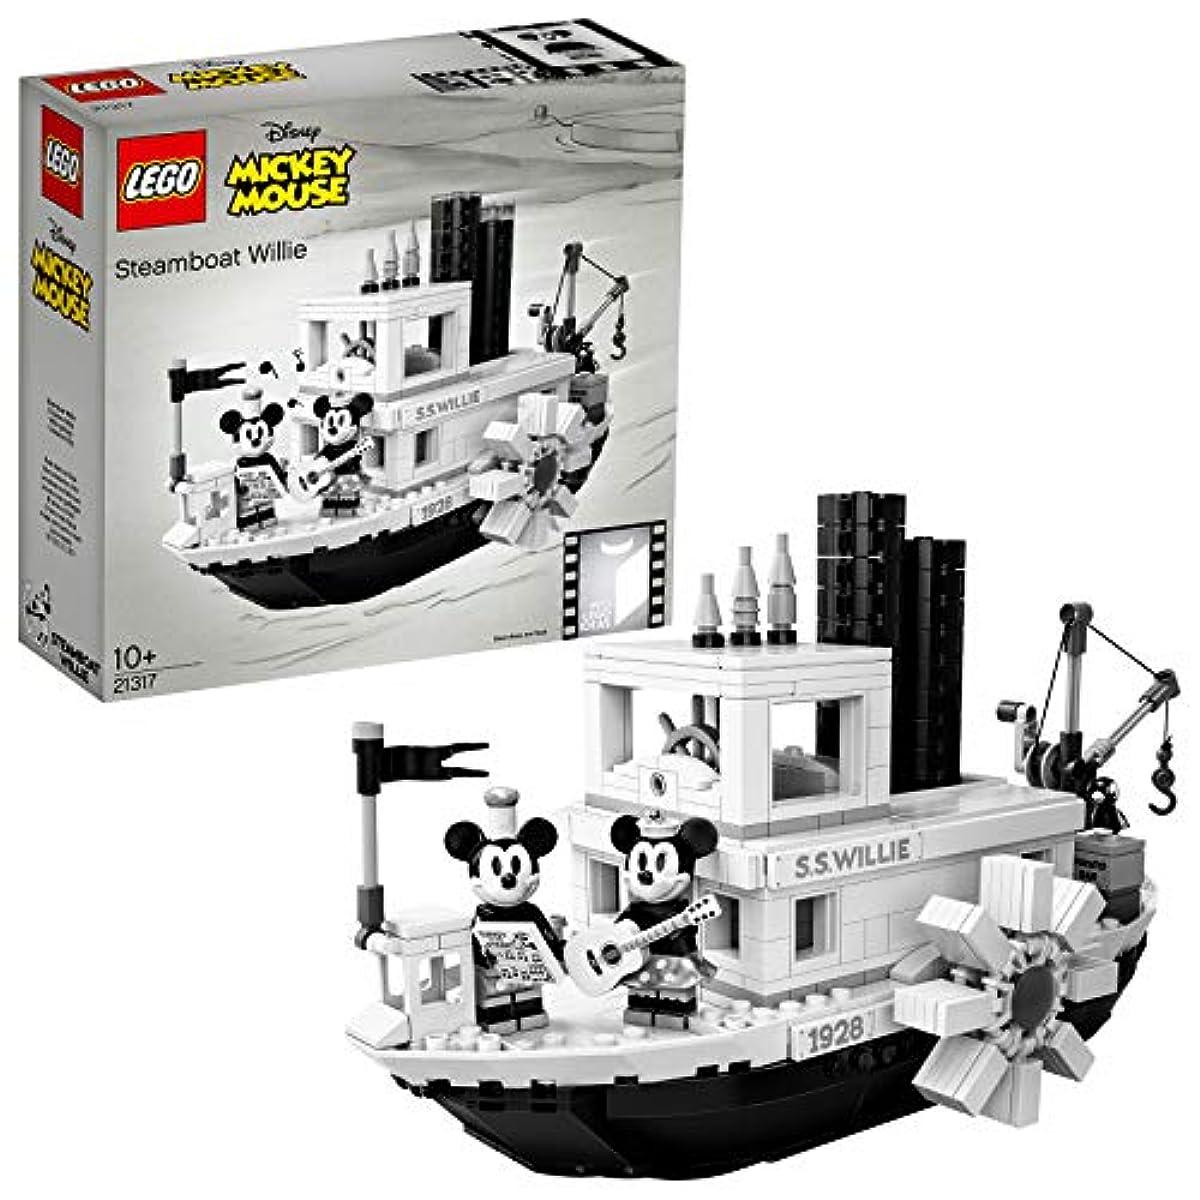 [해외] 레고(LEGO) 아이디어 증기선우리 디즈니 21317 블럭 장난감